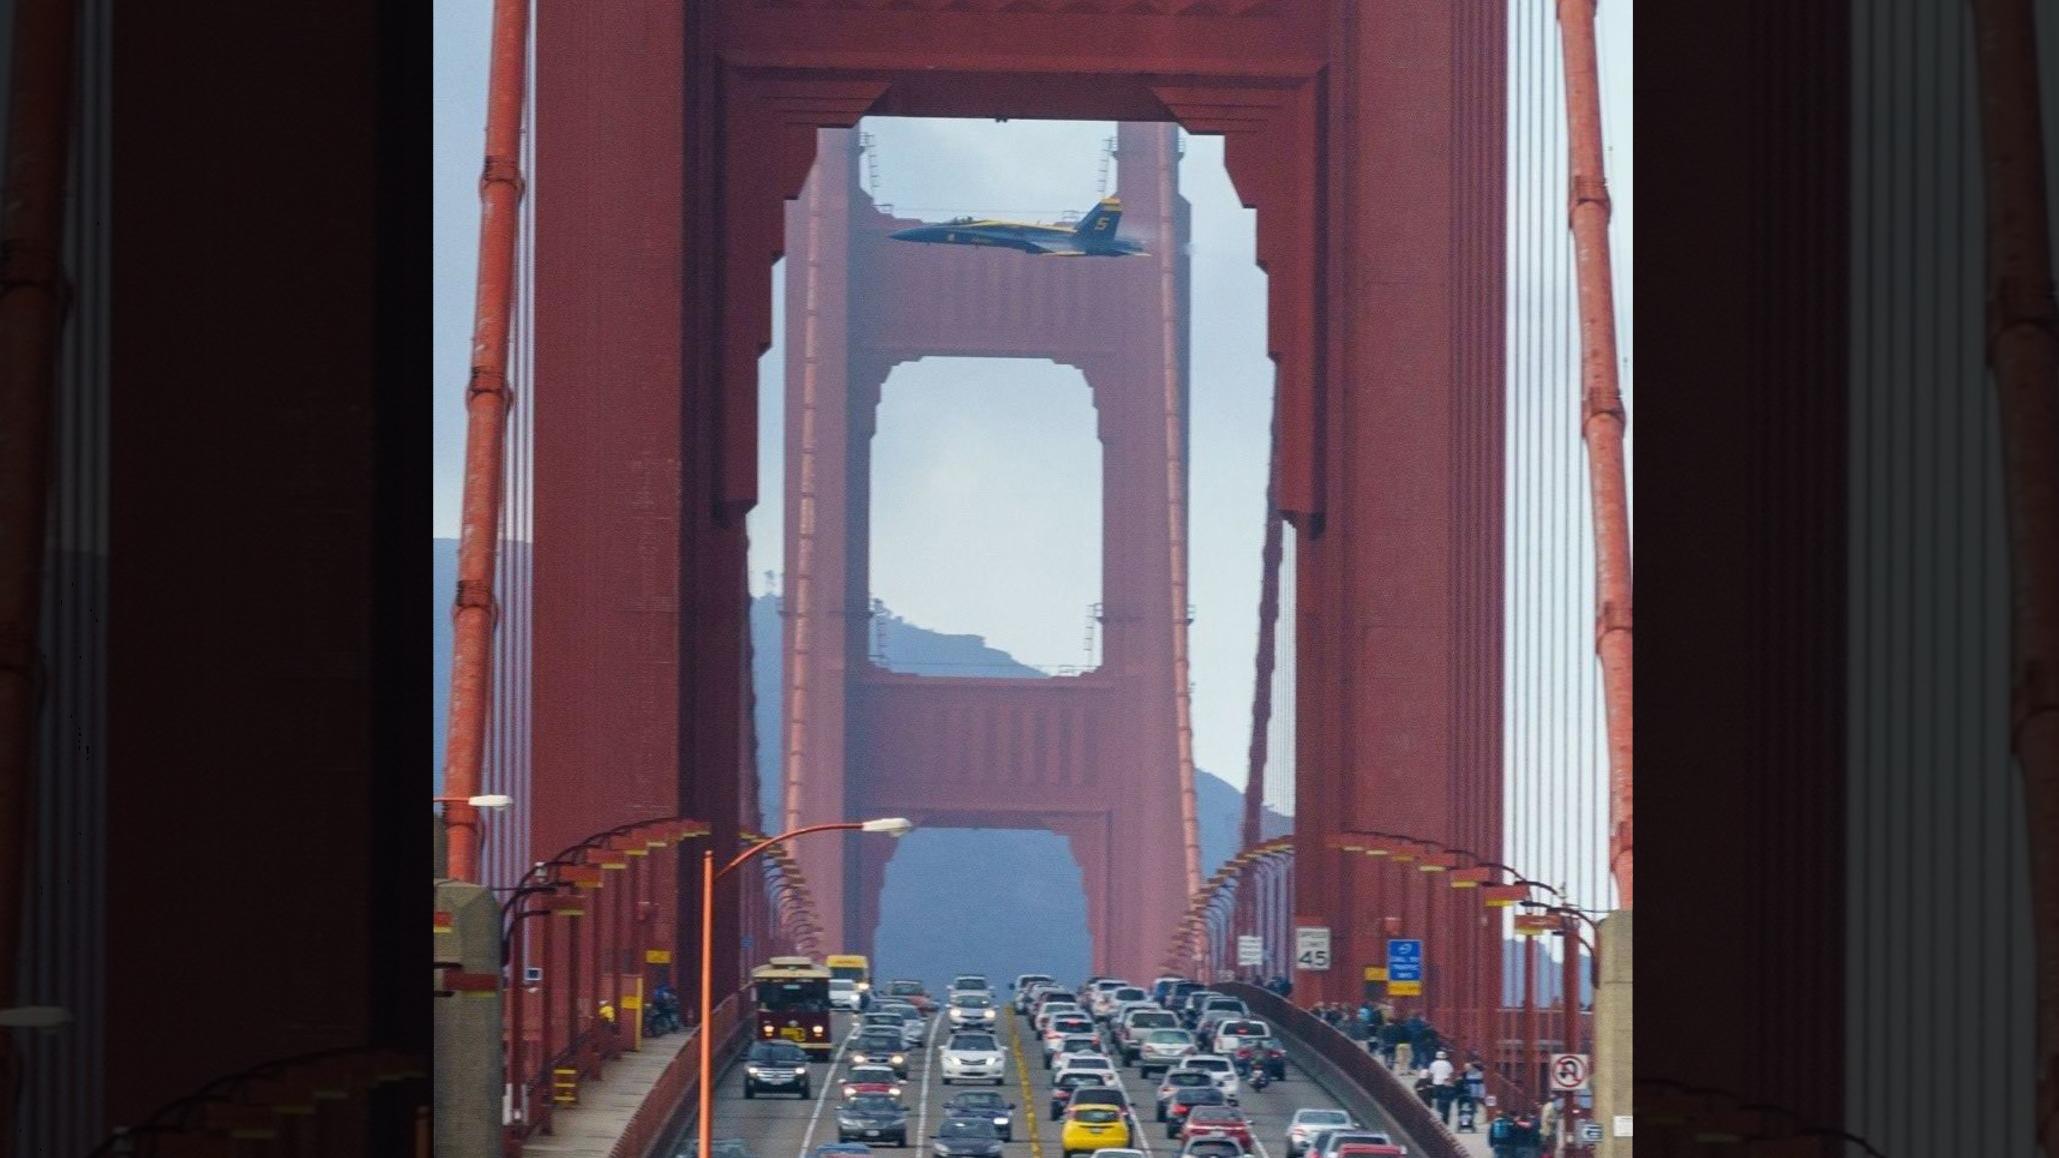 F-18 en vuelo de demostración entre las torres del Golden Gate, mientras circulan por él coches y peatones